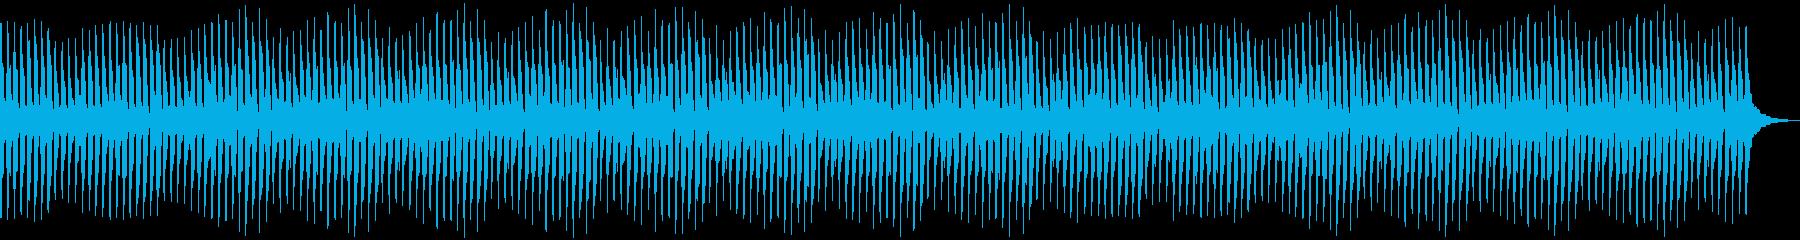 YouTube・休日・おしゃれチルアウトの再生済みの波形